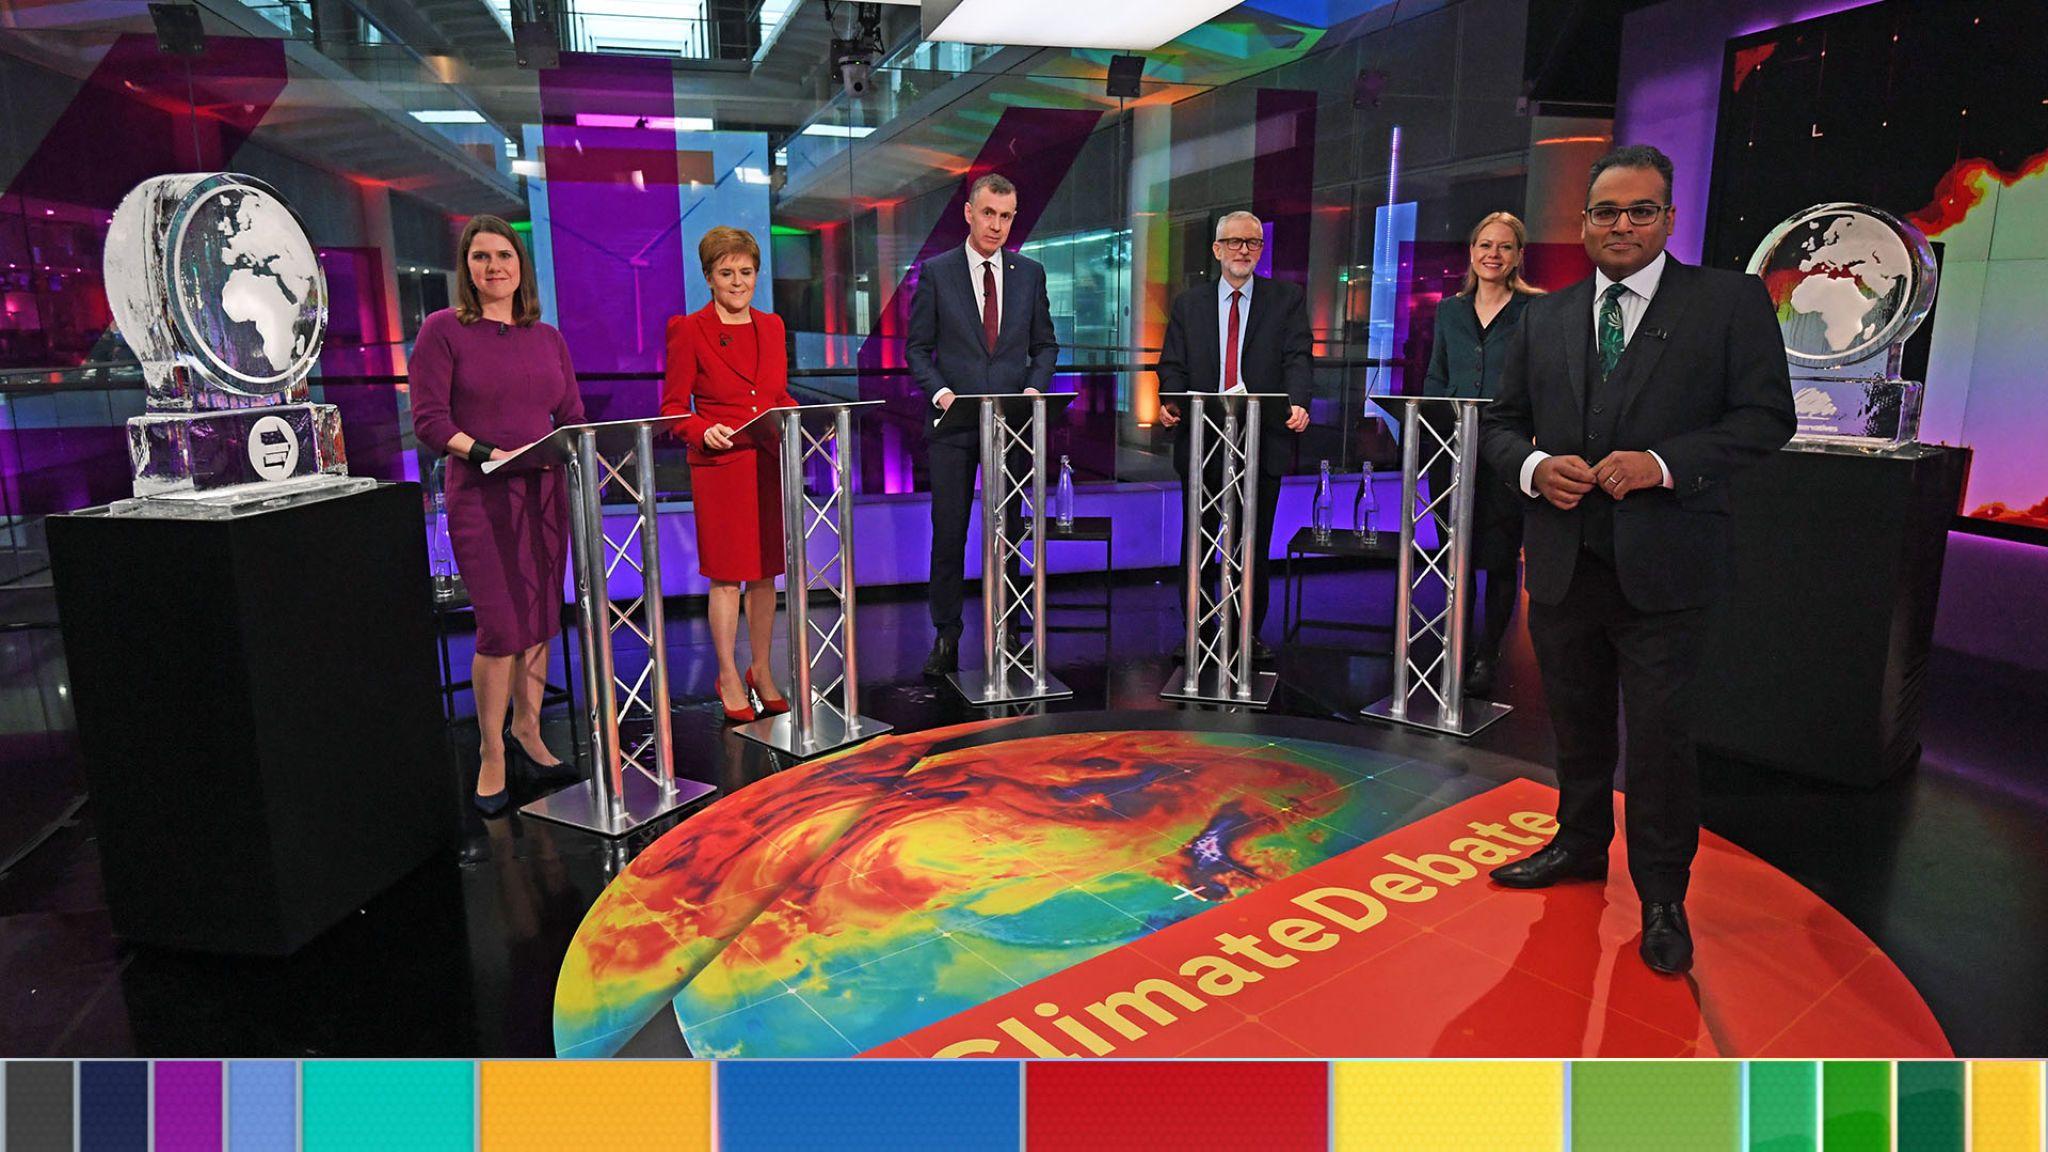 Прем'єр Британії не прийшов на теледебати з питань клімату, його замінили крижаною фігурою Землі